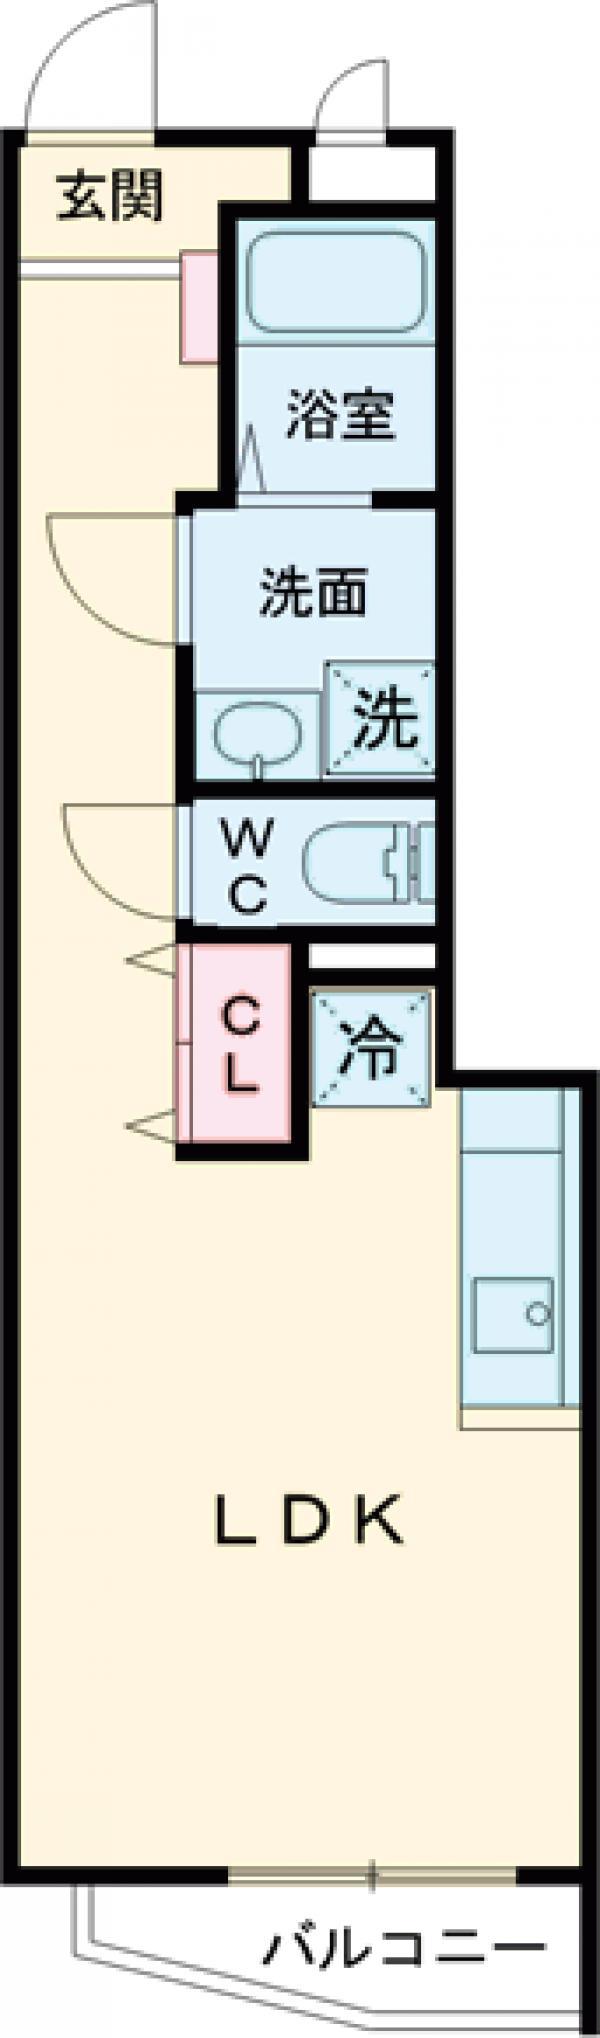 ピースコート成城学園前・105号室の間取り